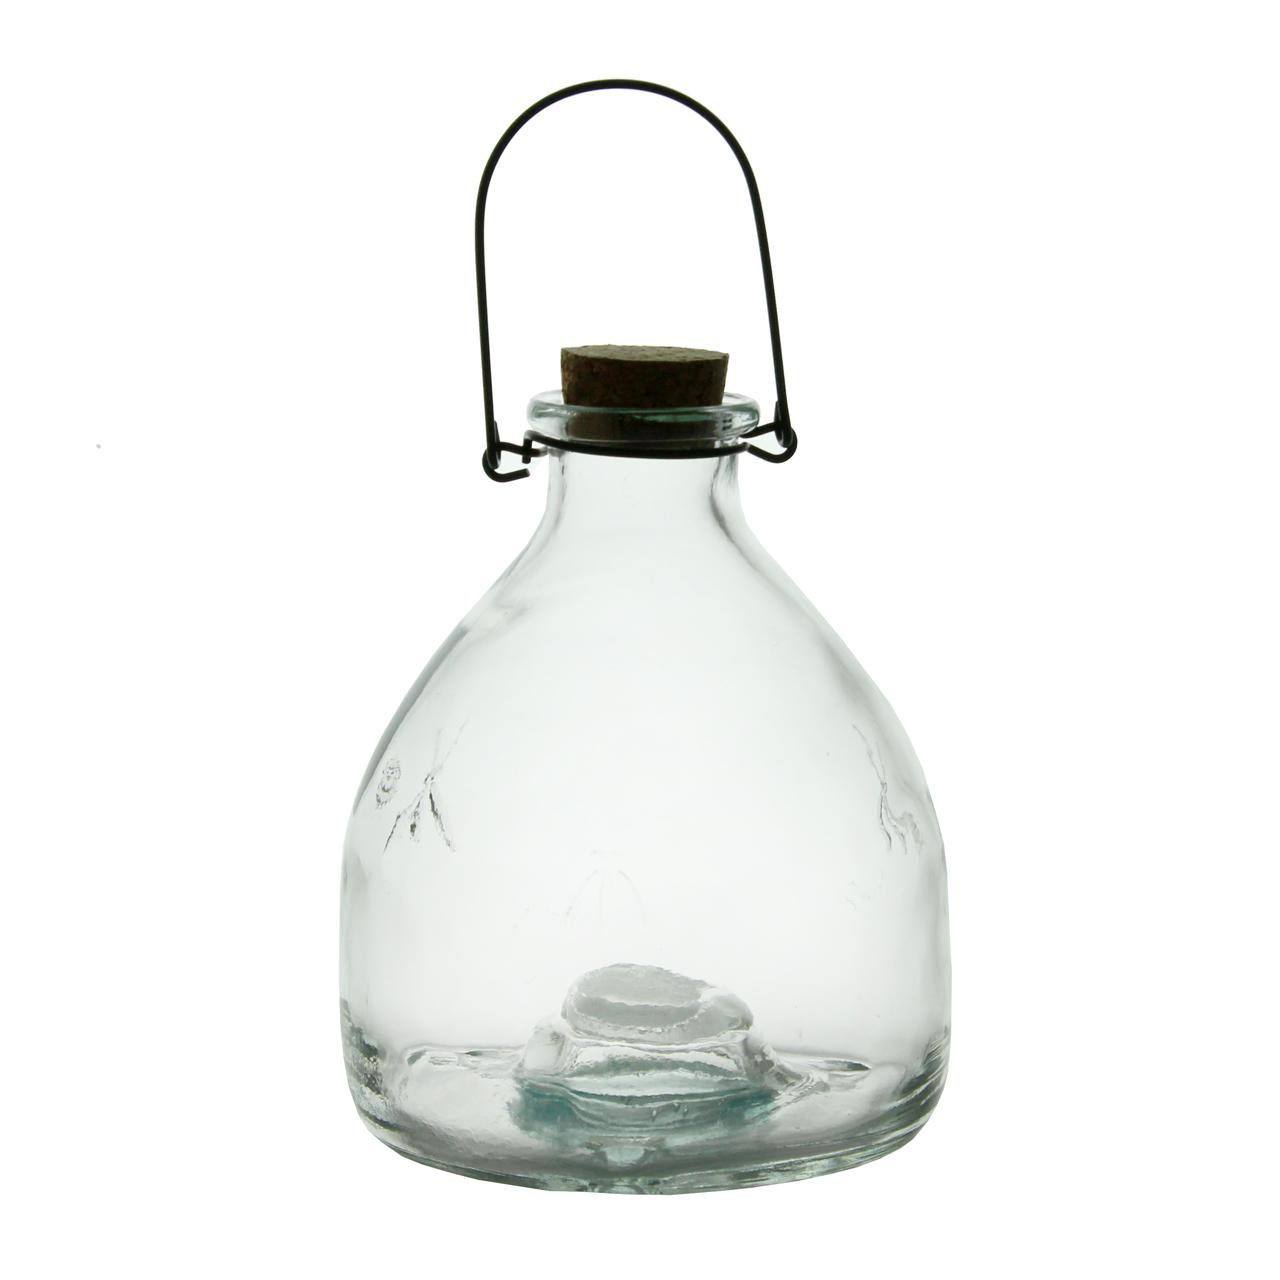 Capcana pentru viespi din sticla cu dop si maner 18 cm chicville 2021